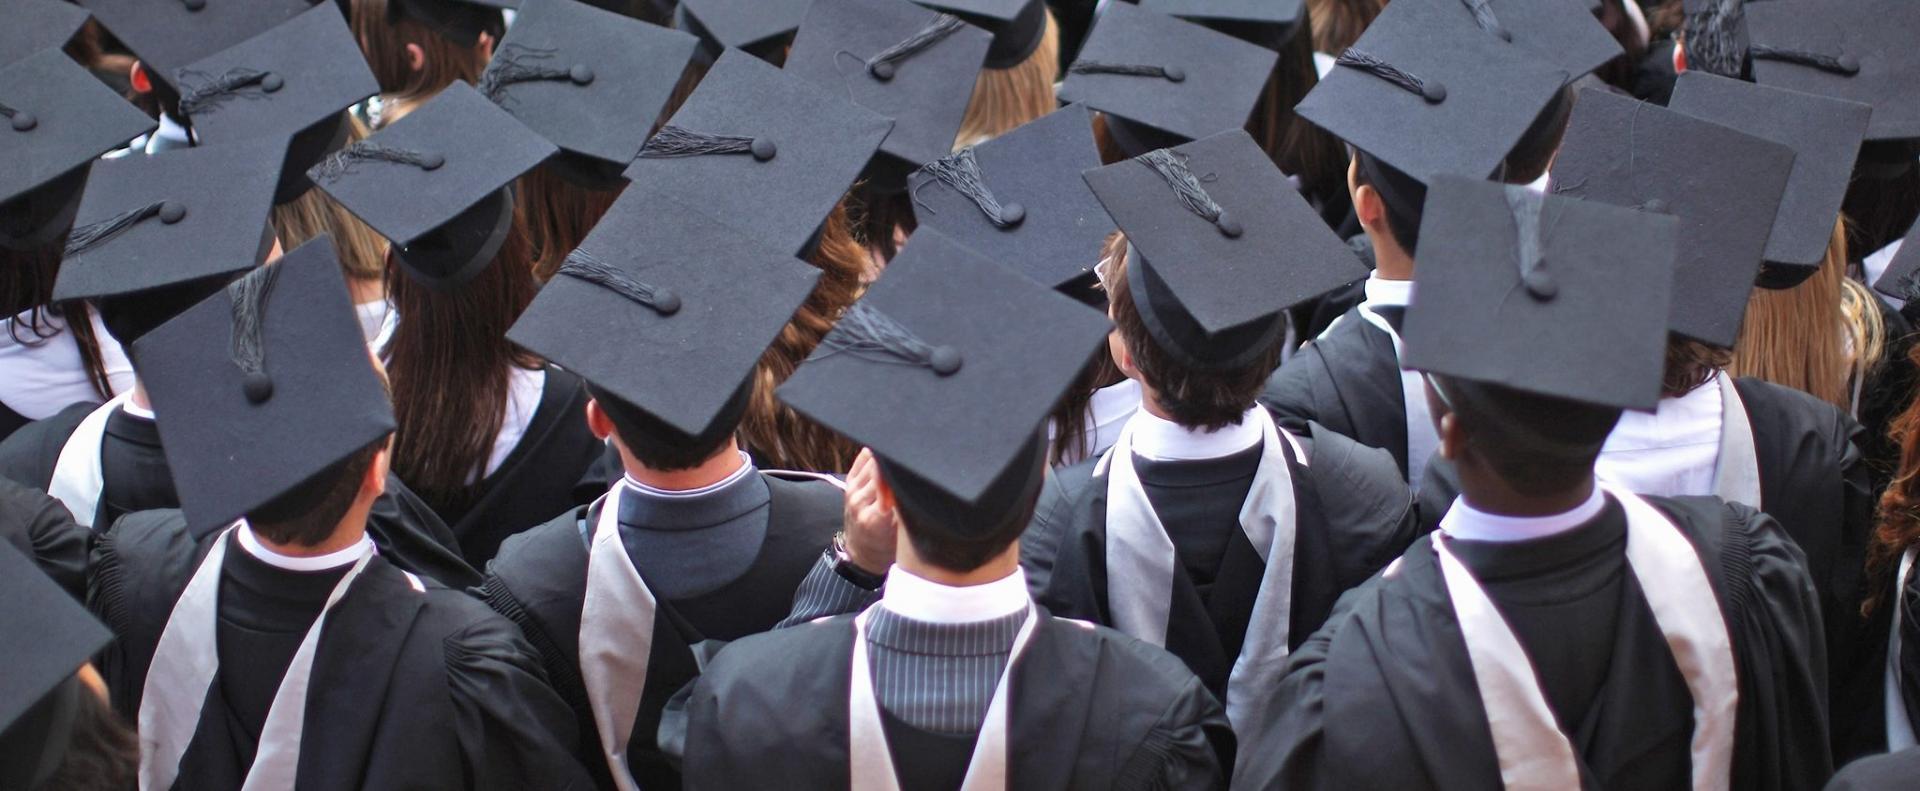 Стоимость обучения в иностранных вузах